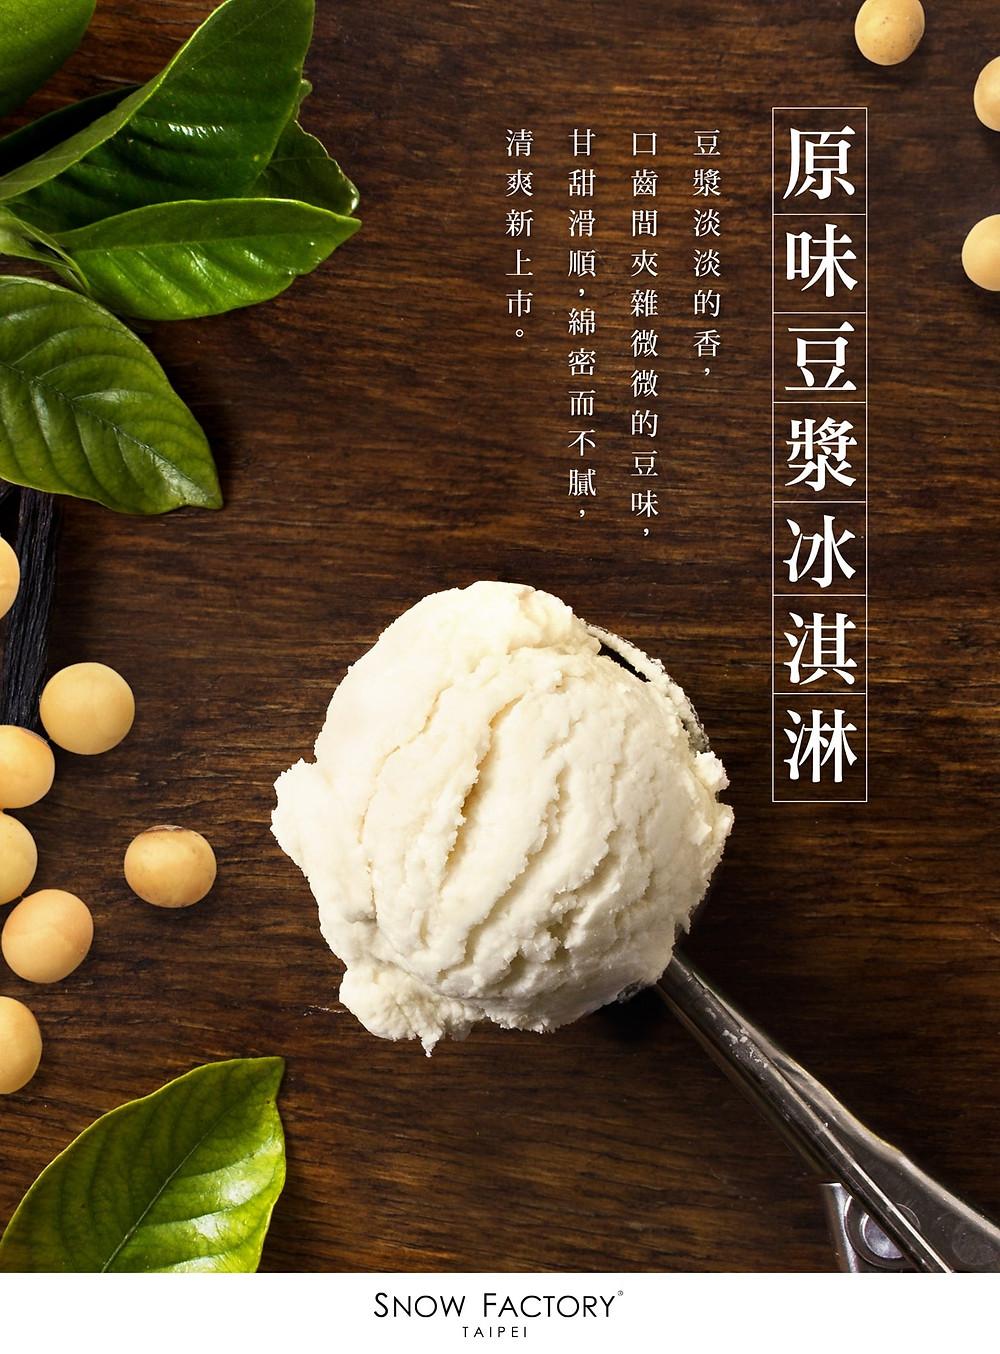 原味豆漿冰淇淋  豆漿淡淡的香,甘甜滑順,綿密而不膩 | 蔬軾 創意蔬食料理